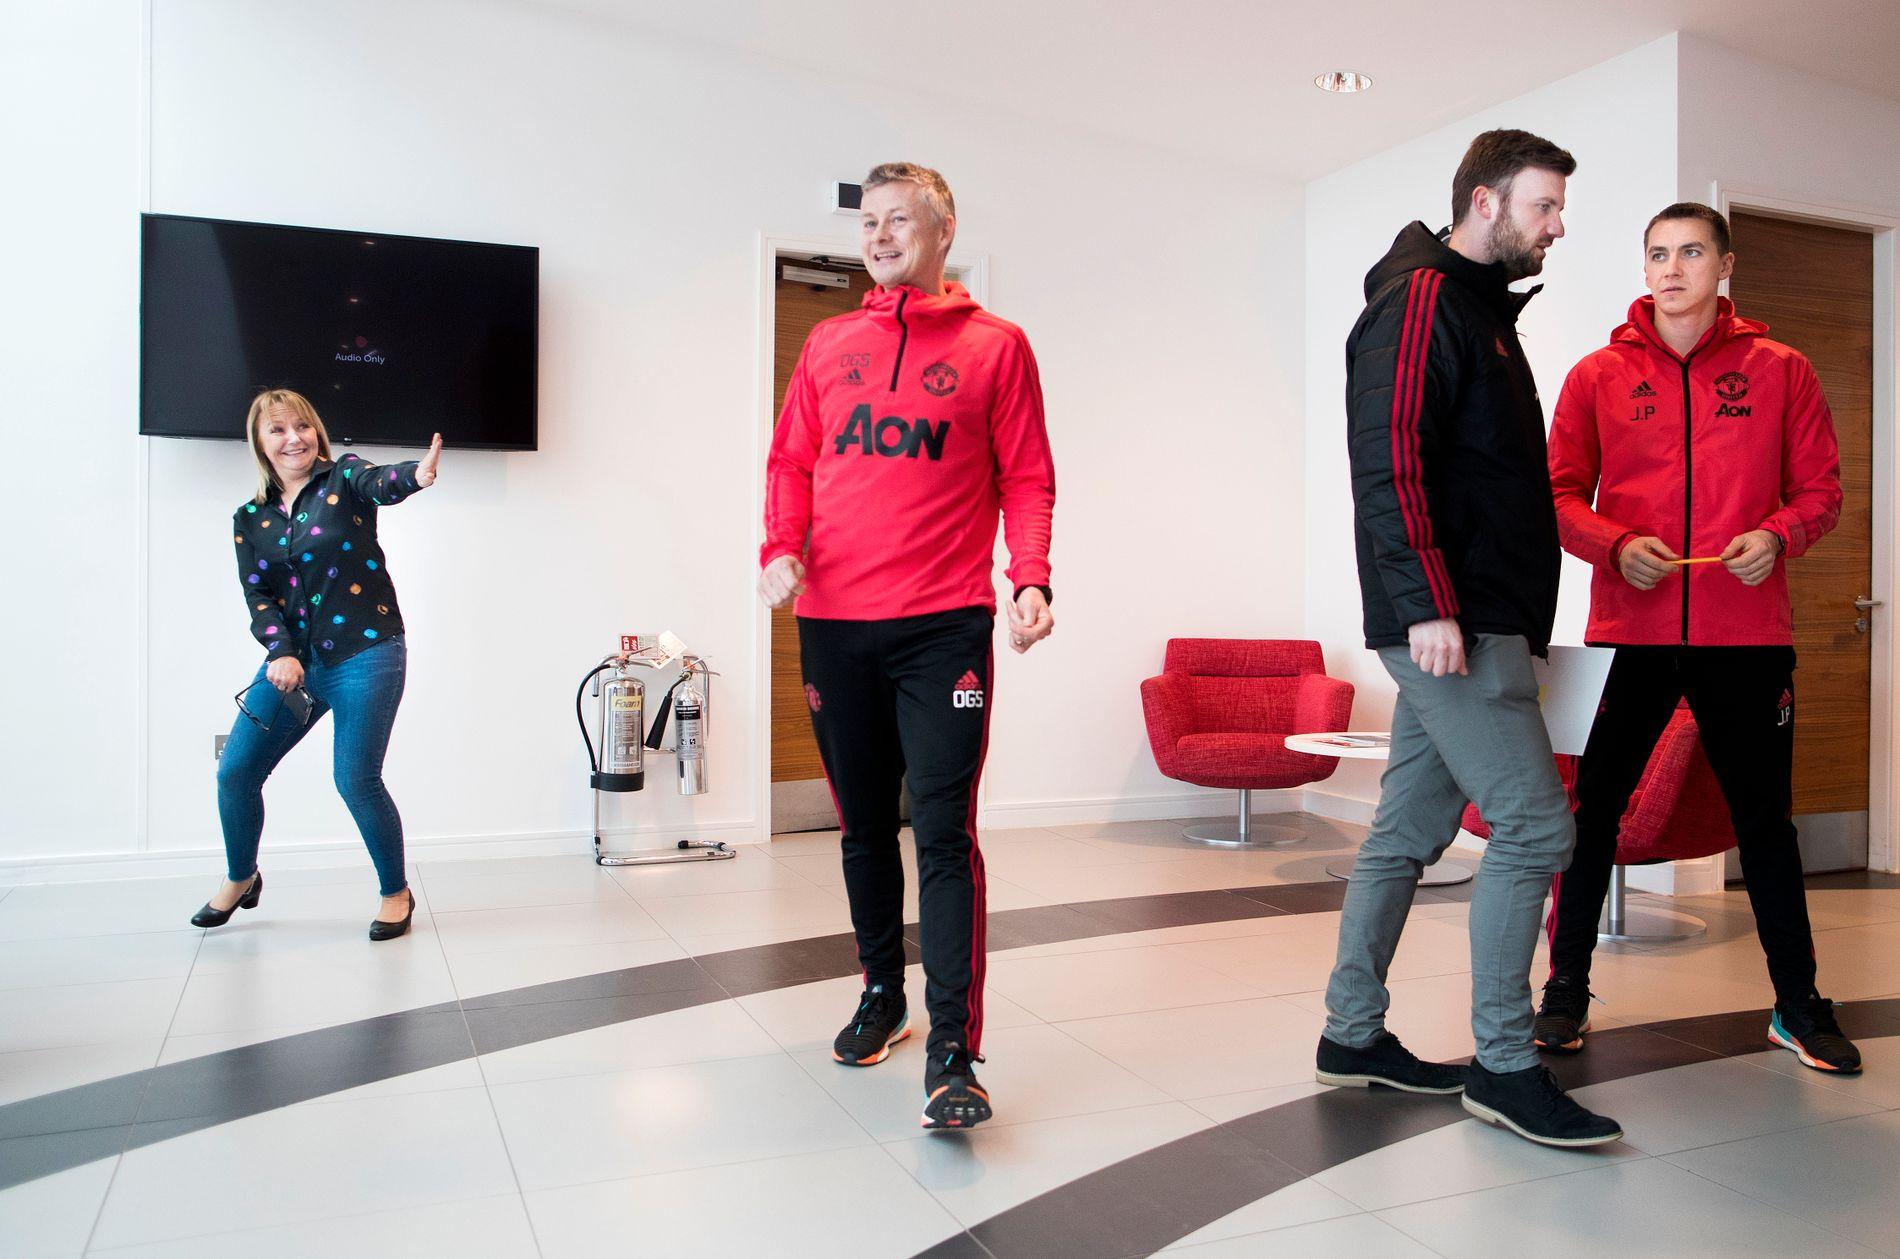 DIPLOM: Ole Gunnar Solskjær har slått av en spøk til pressesjefen Karen Shotbolt (t.v.) mens han kommer inn i resepsjonen på treningsfeltet Carrington. To andre United-ansatte til høyre.